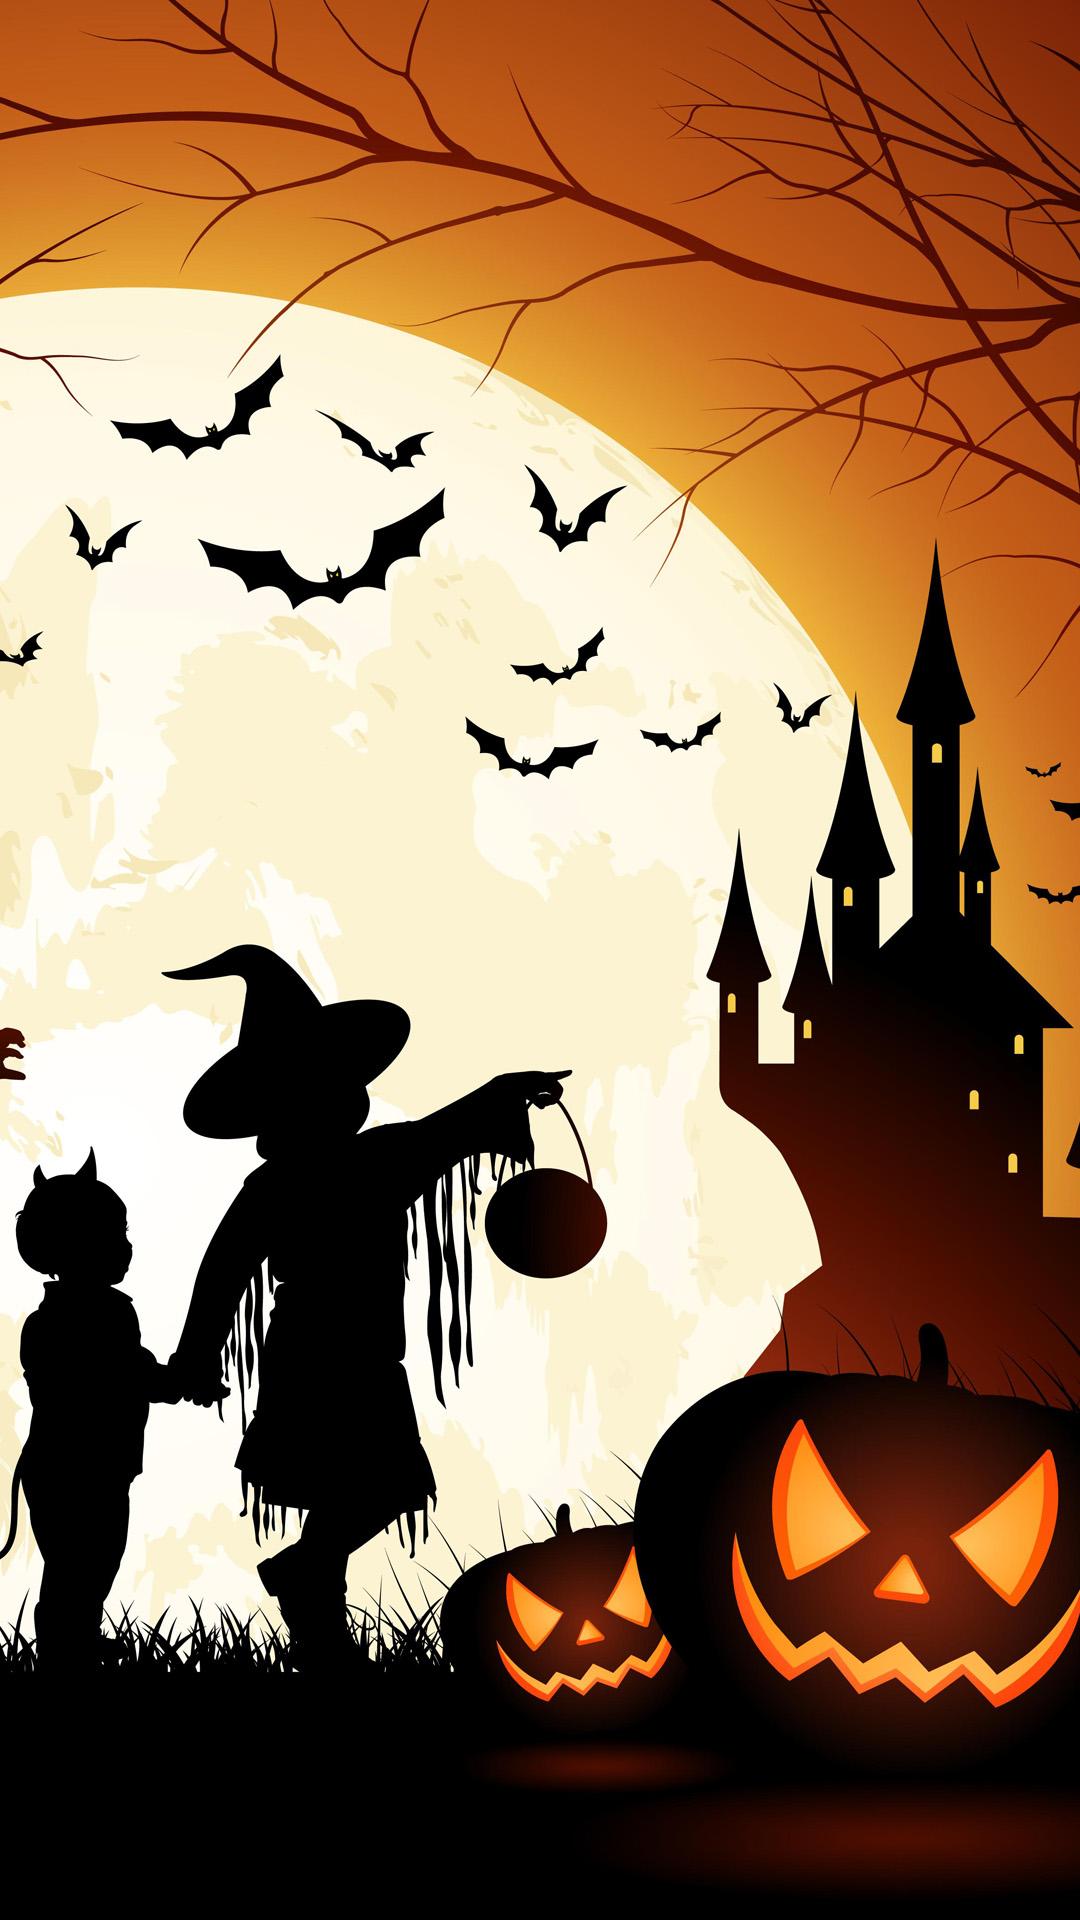 Halloween Wallpaper iPhone 6 Plus - WallpaperSafari